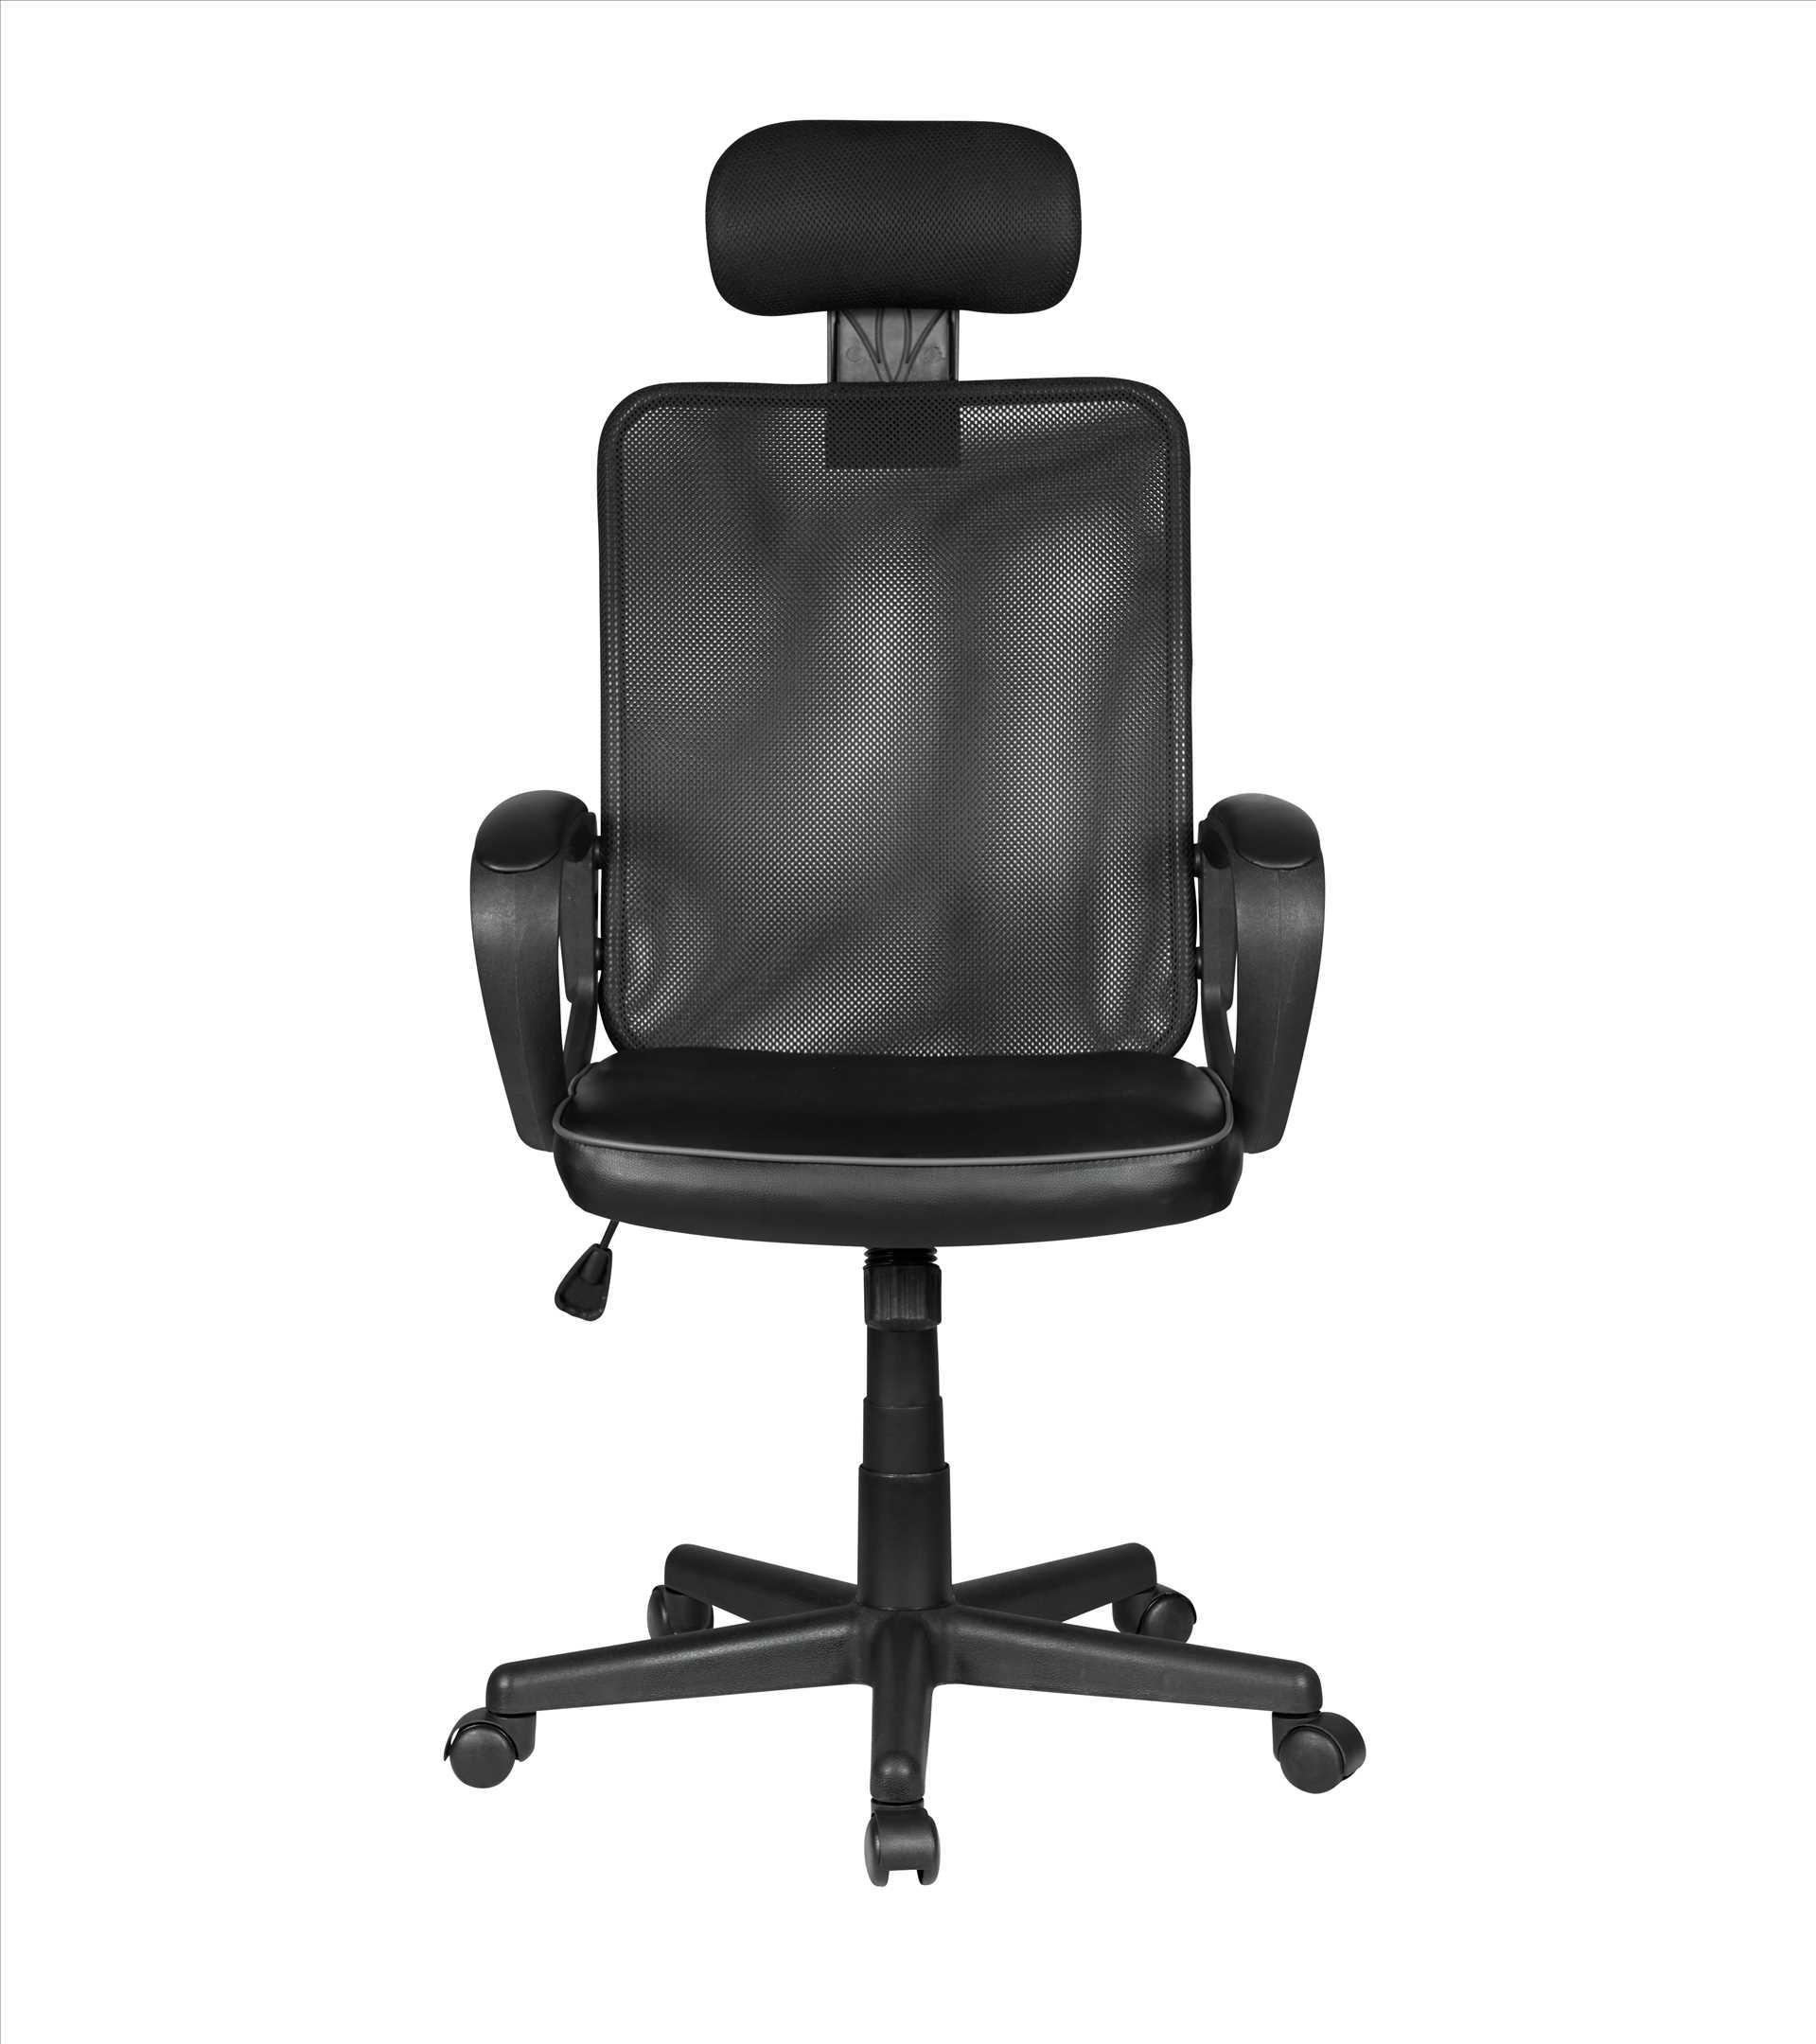 כסא מנהלים PRO TECH דגם HENRY הנרי מבית פרו-טק - תמונה 2